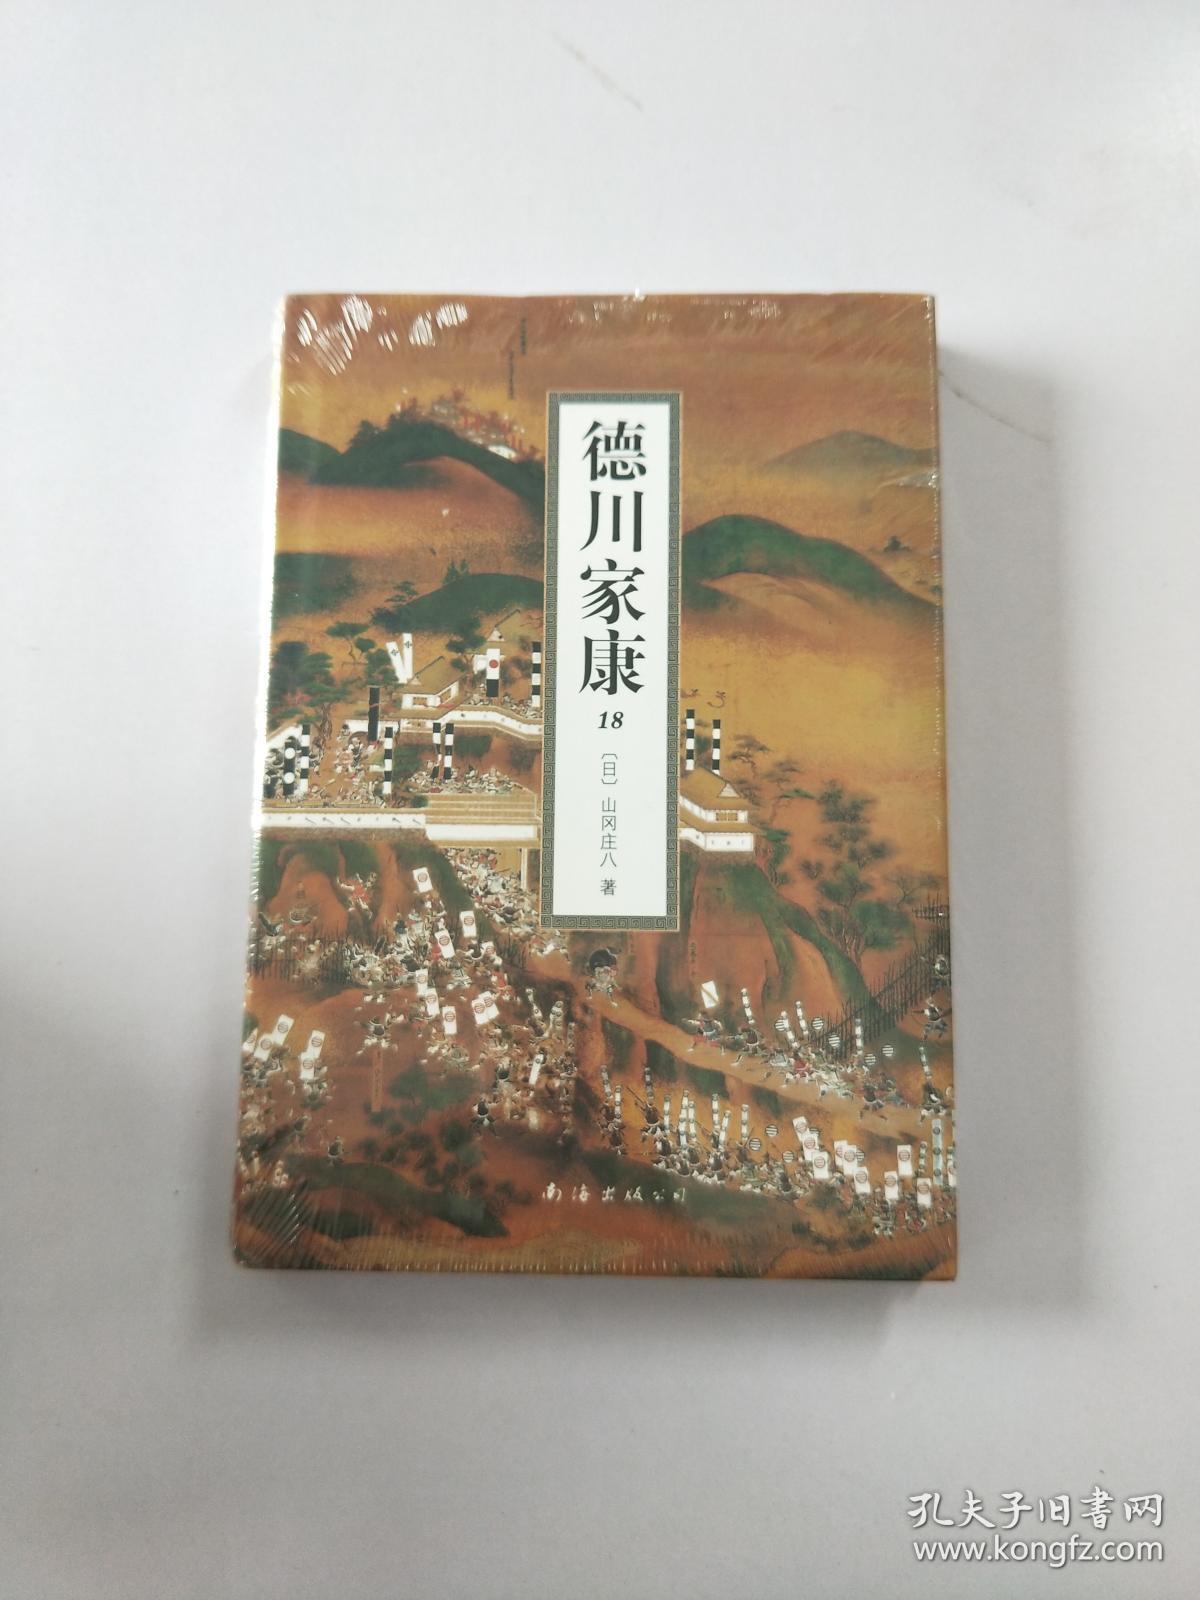 德川家康18_【日】山冈庄八_孔夫子旧书网